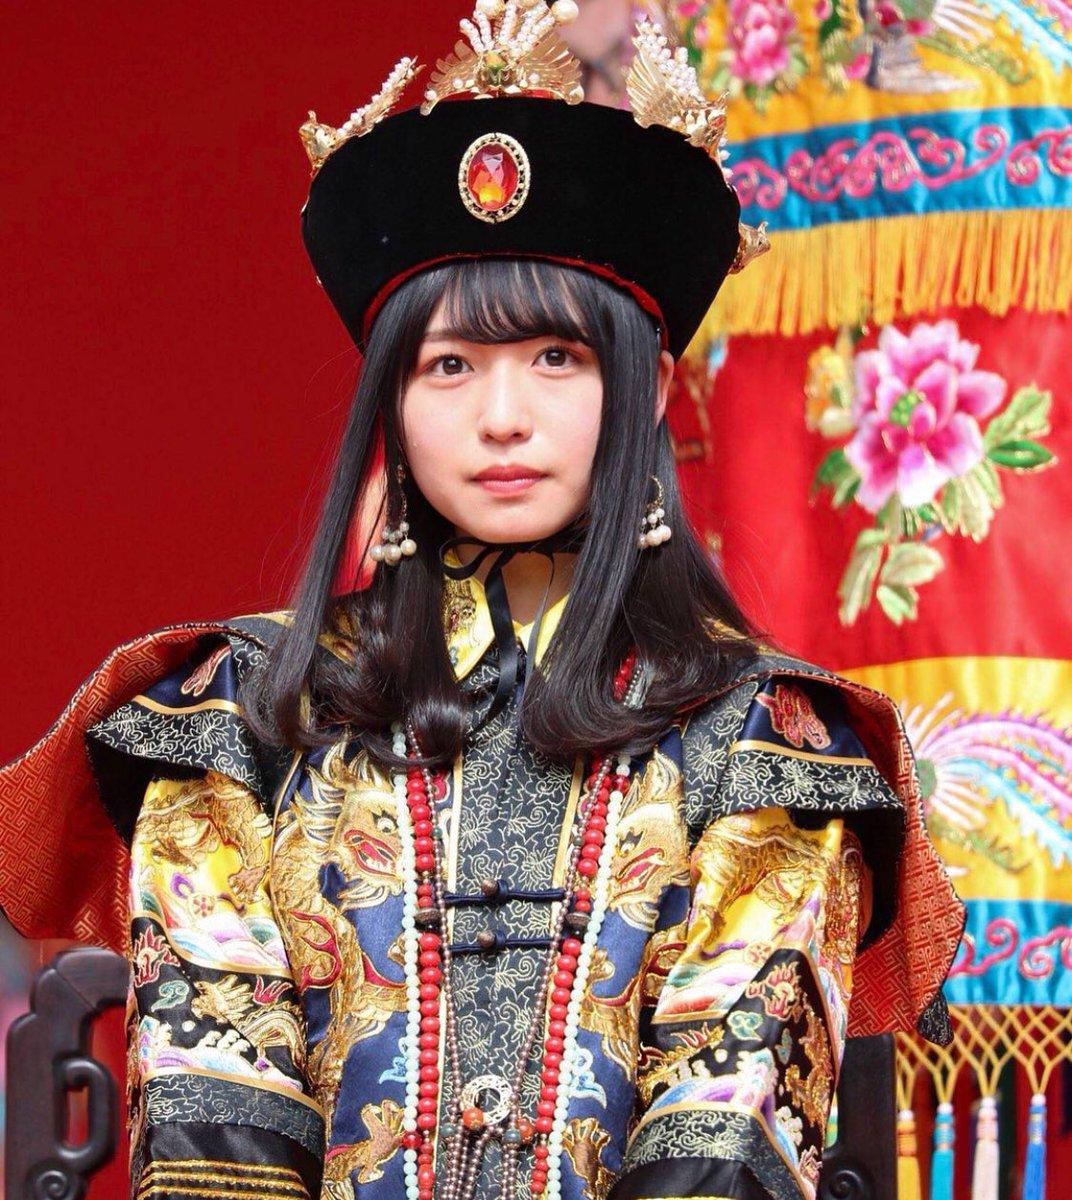 【欅坂46】長濱ねる、故郷・長崎凱旋で「ねるフィーバー」巻き起こる 皇后役でパレード出演